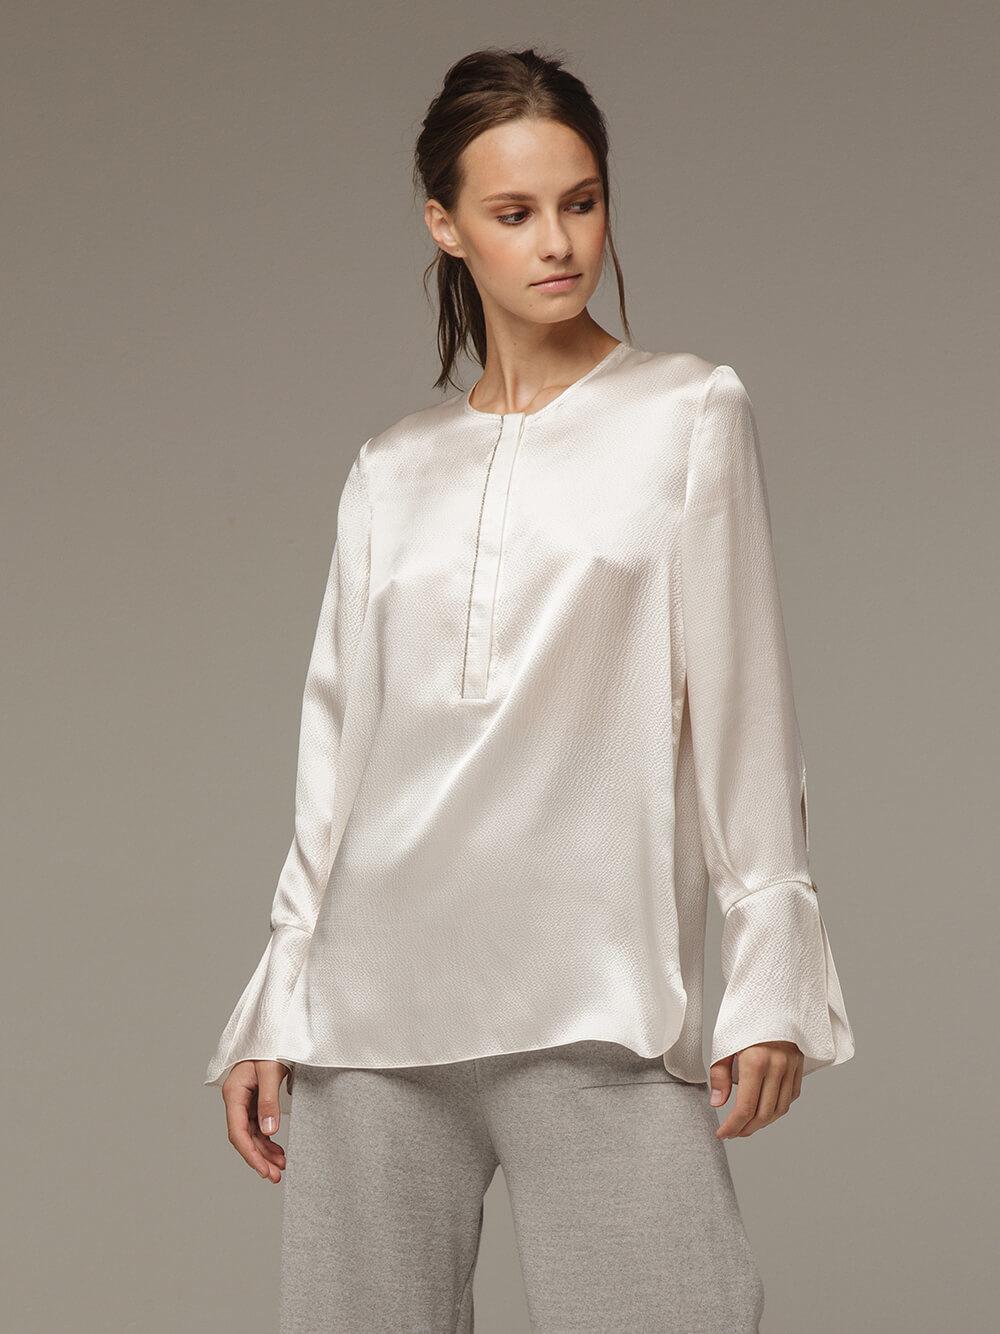 Женская белая блузка из 100% шелка - фото 1